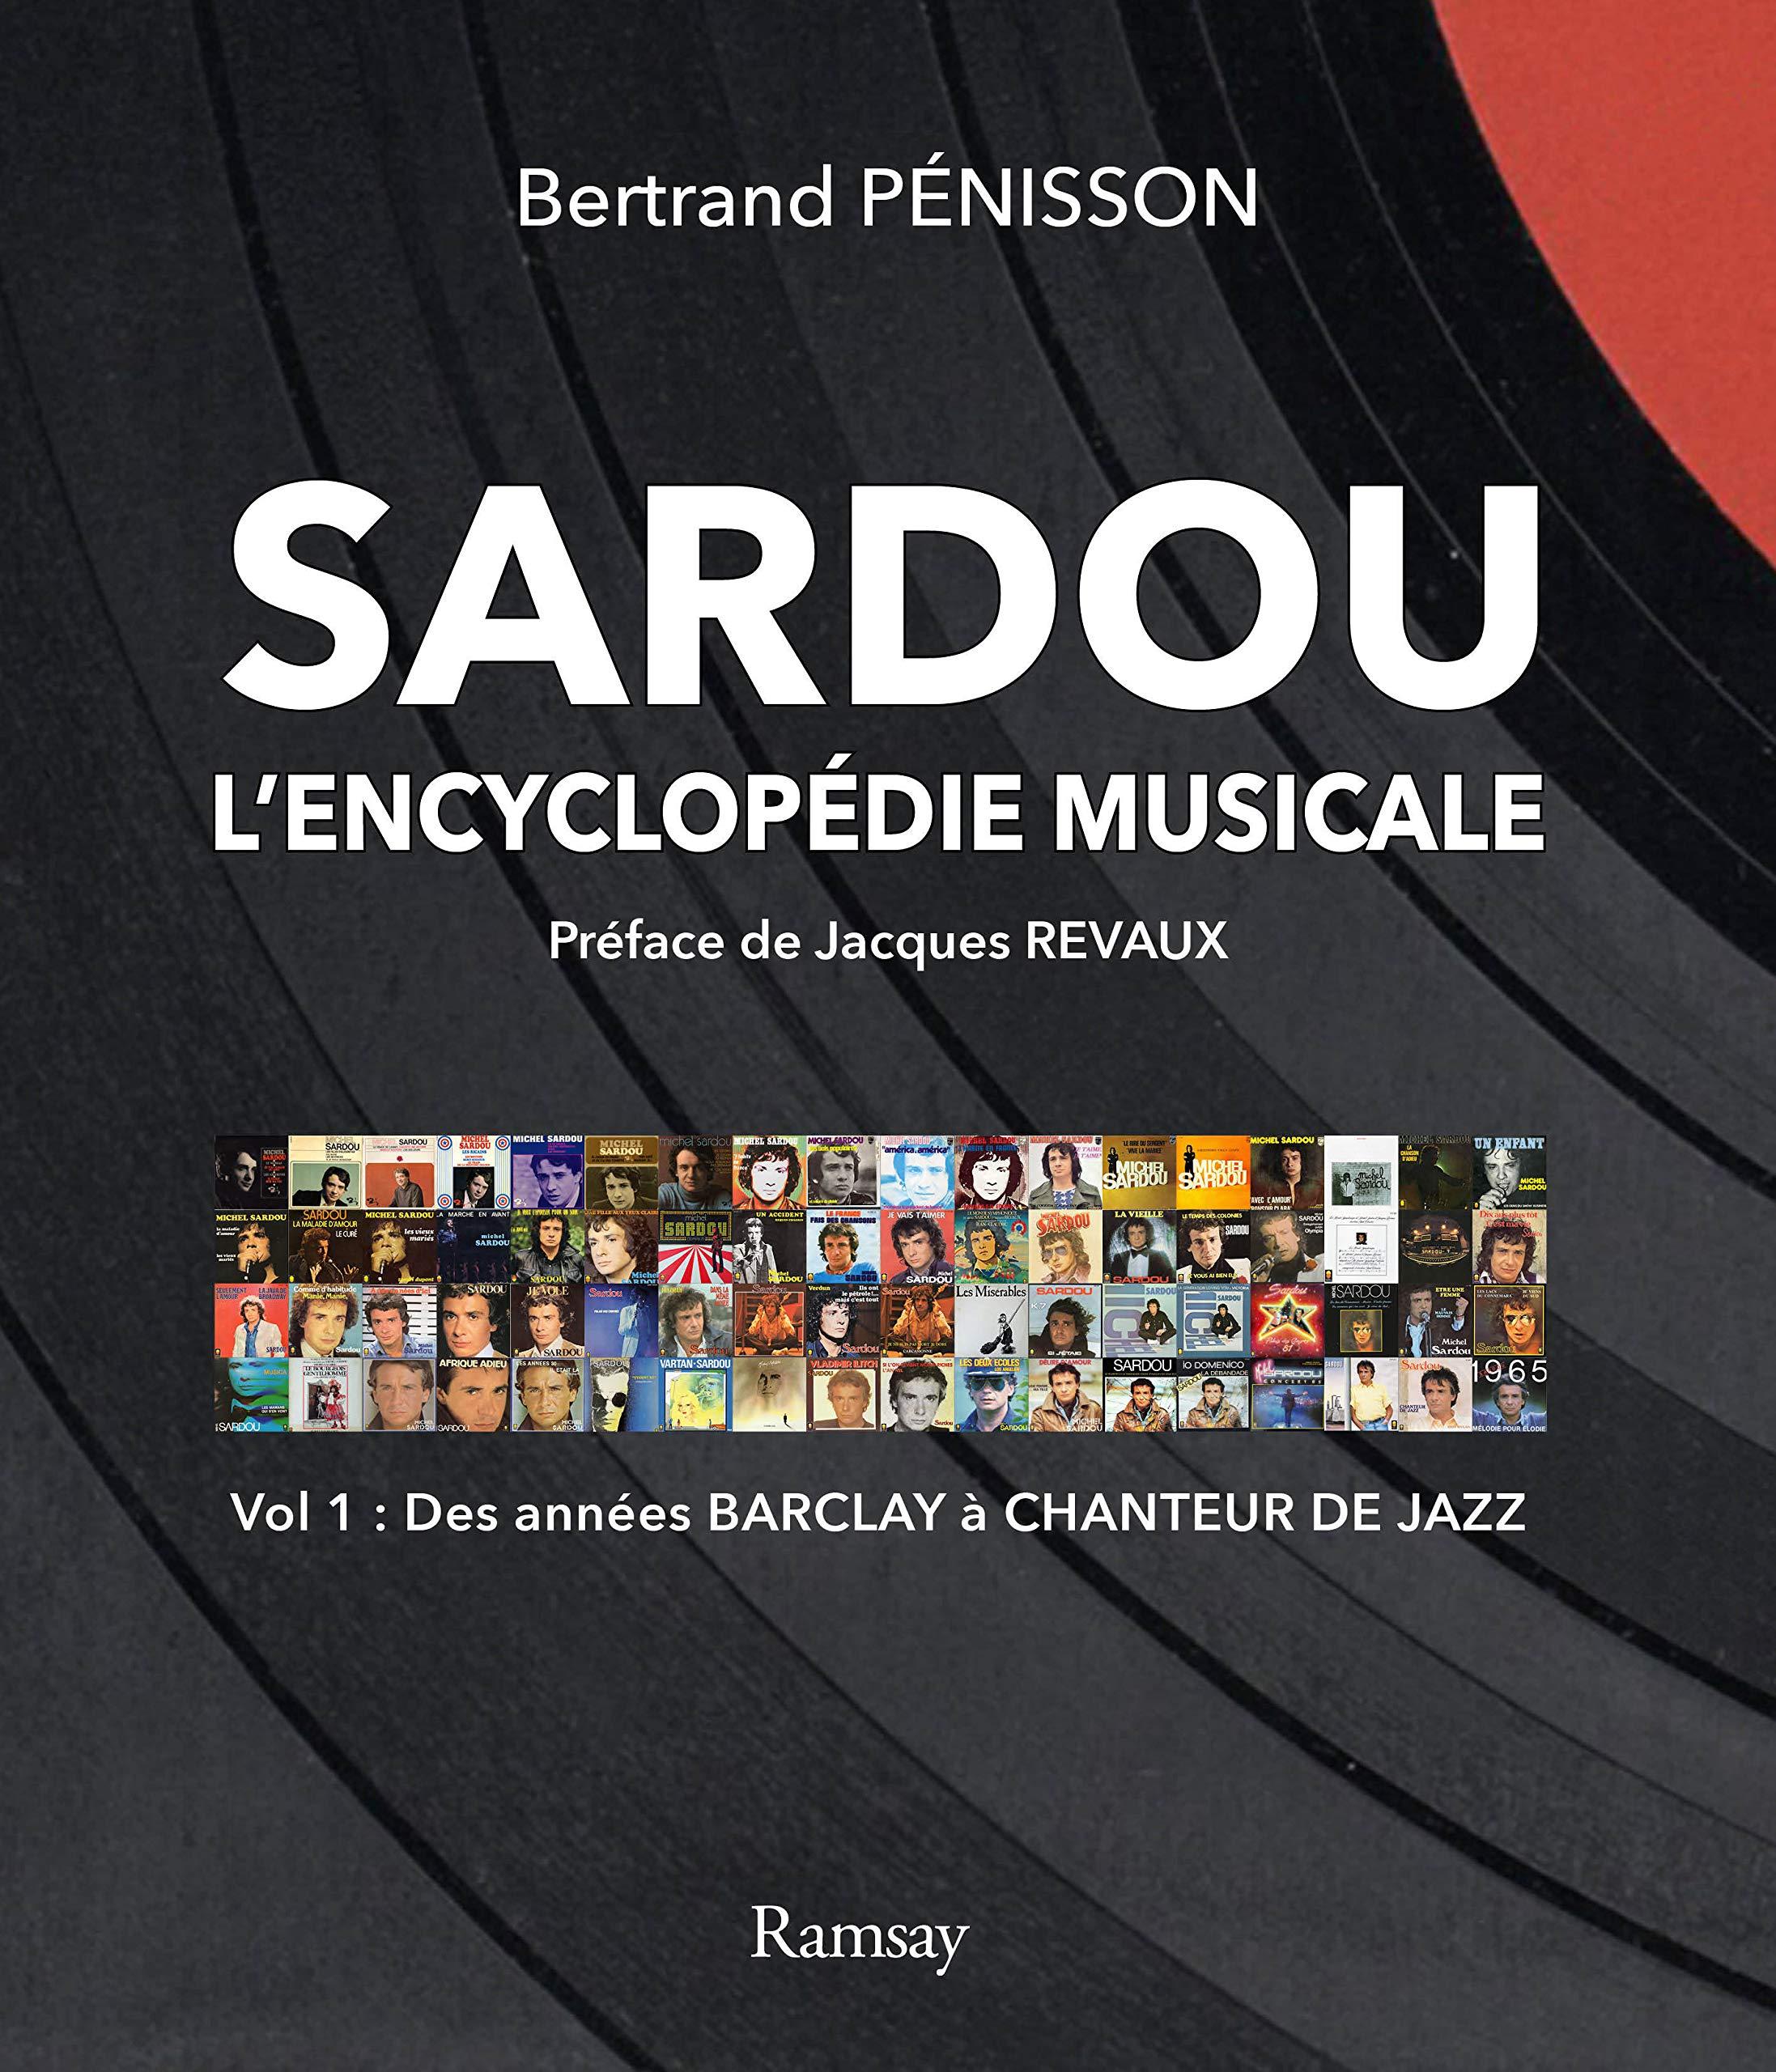 Encyclopédie Sardou vol 1